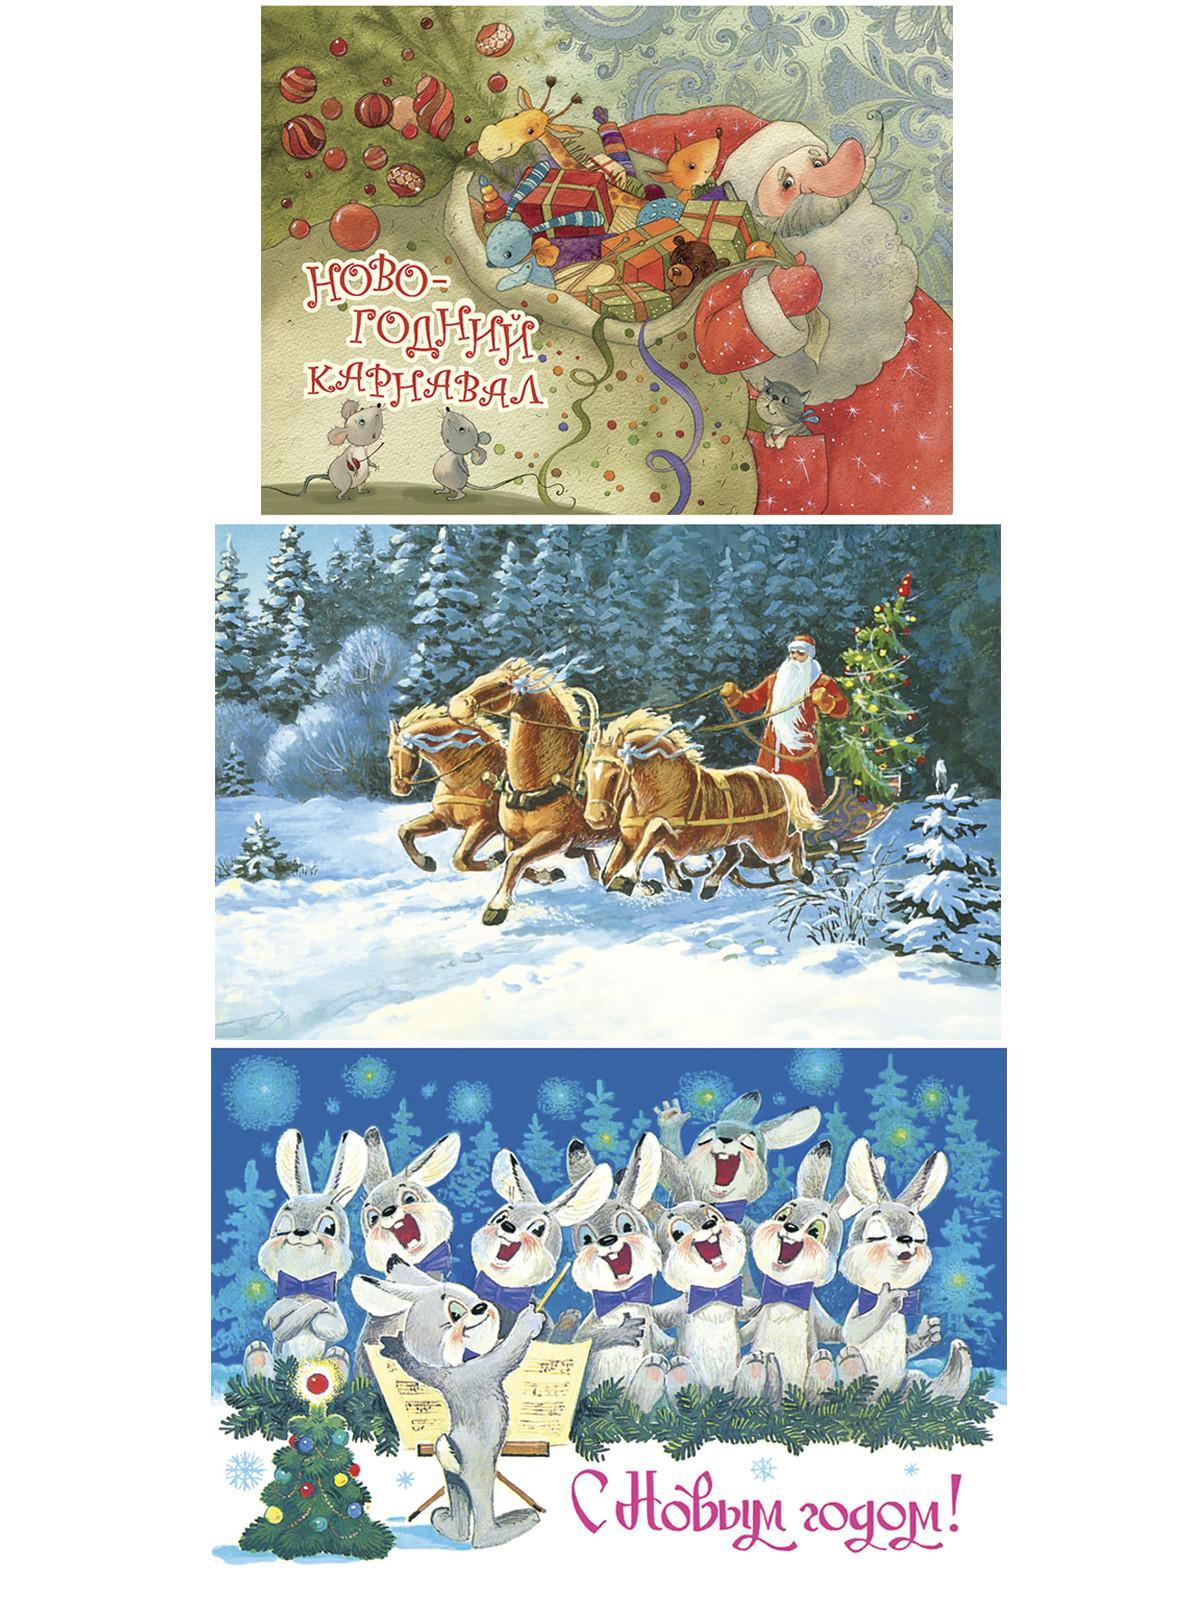 Комплект из 3-х наборов открыток (21 открытка): Новогодний карнавал. Счастья и радости в Новом году! Поздравляем с Новым годом (Хор зайцев)! (количество томов: 3)